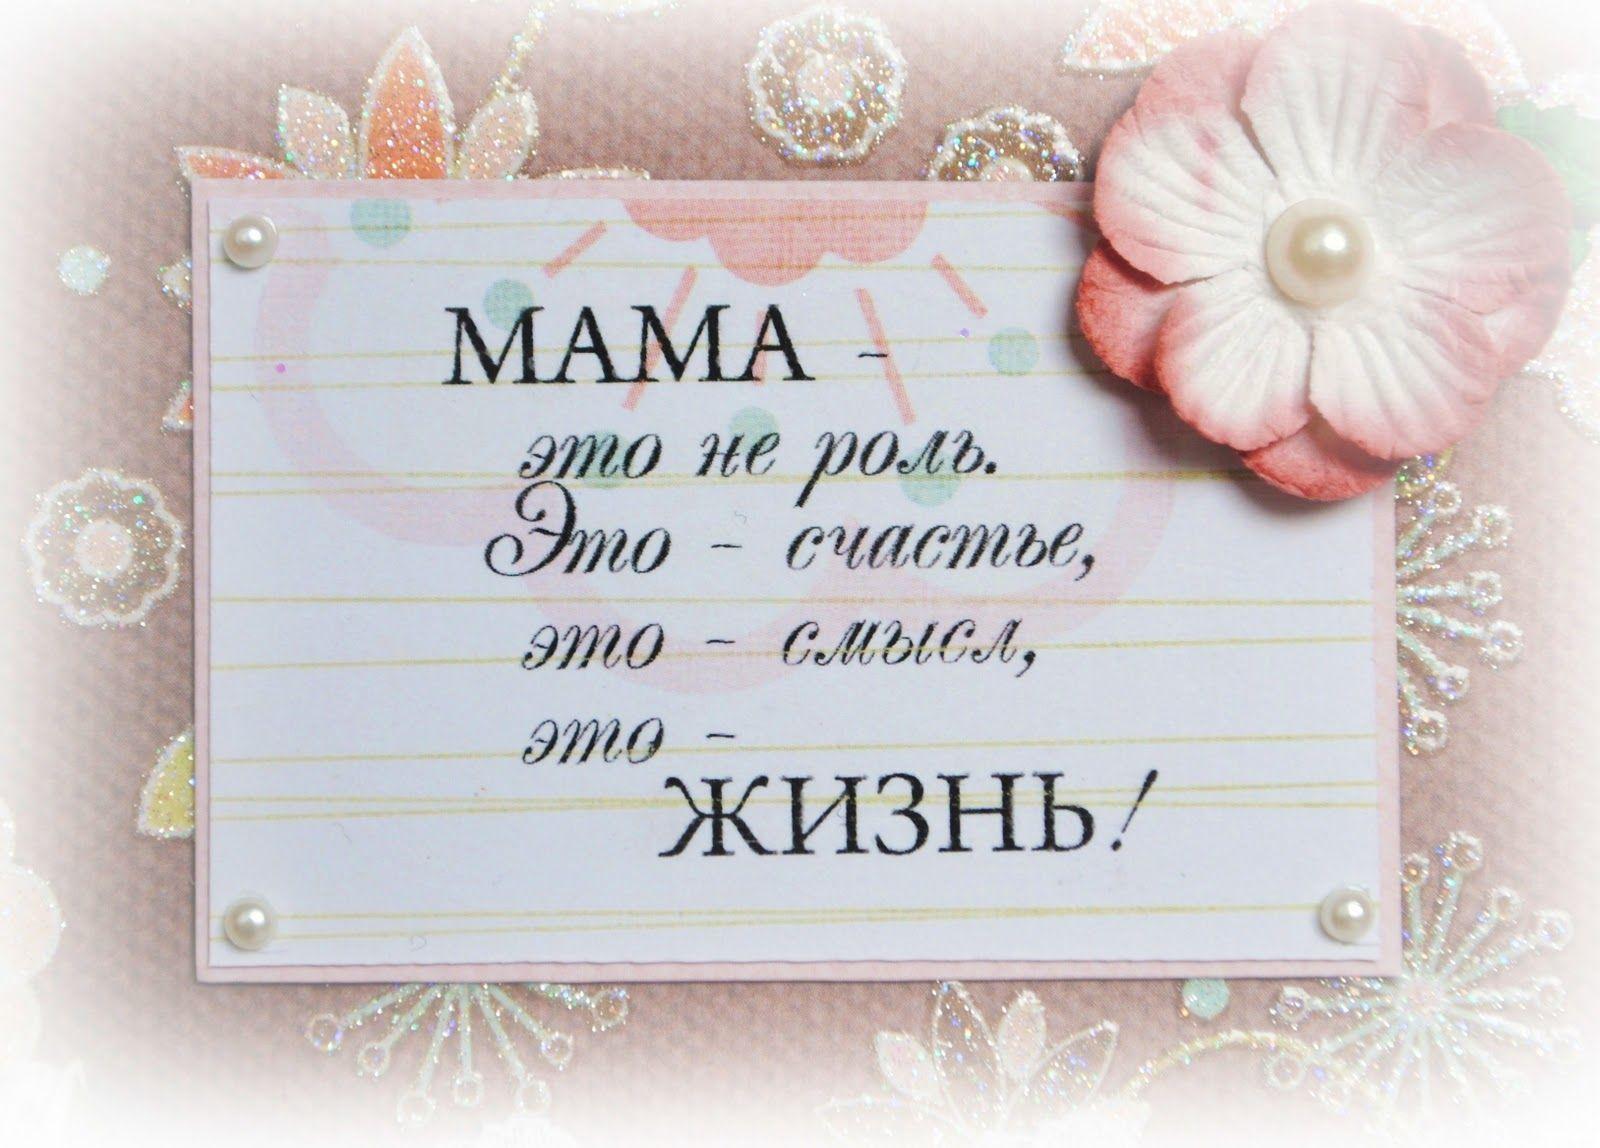 Pozdravleniya Dlya Mamy S Dnem Rozhdeniya Syna 21 God Ot Mamy